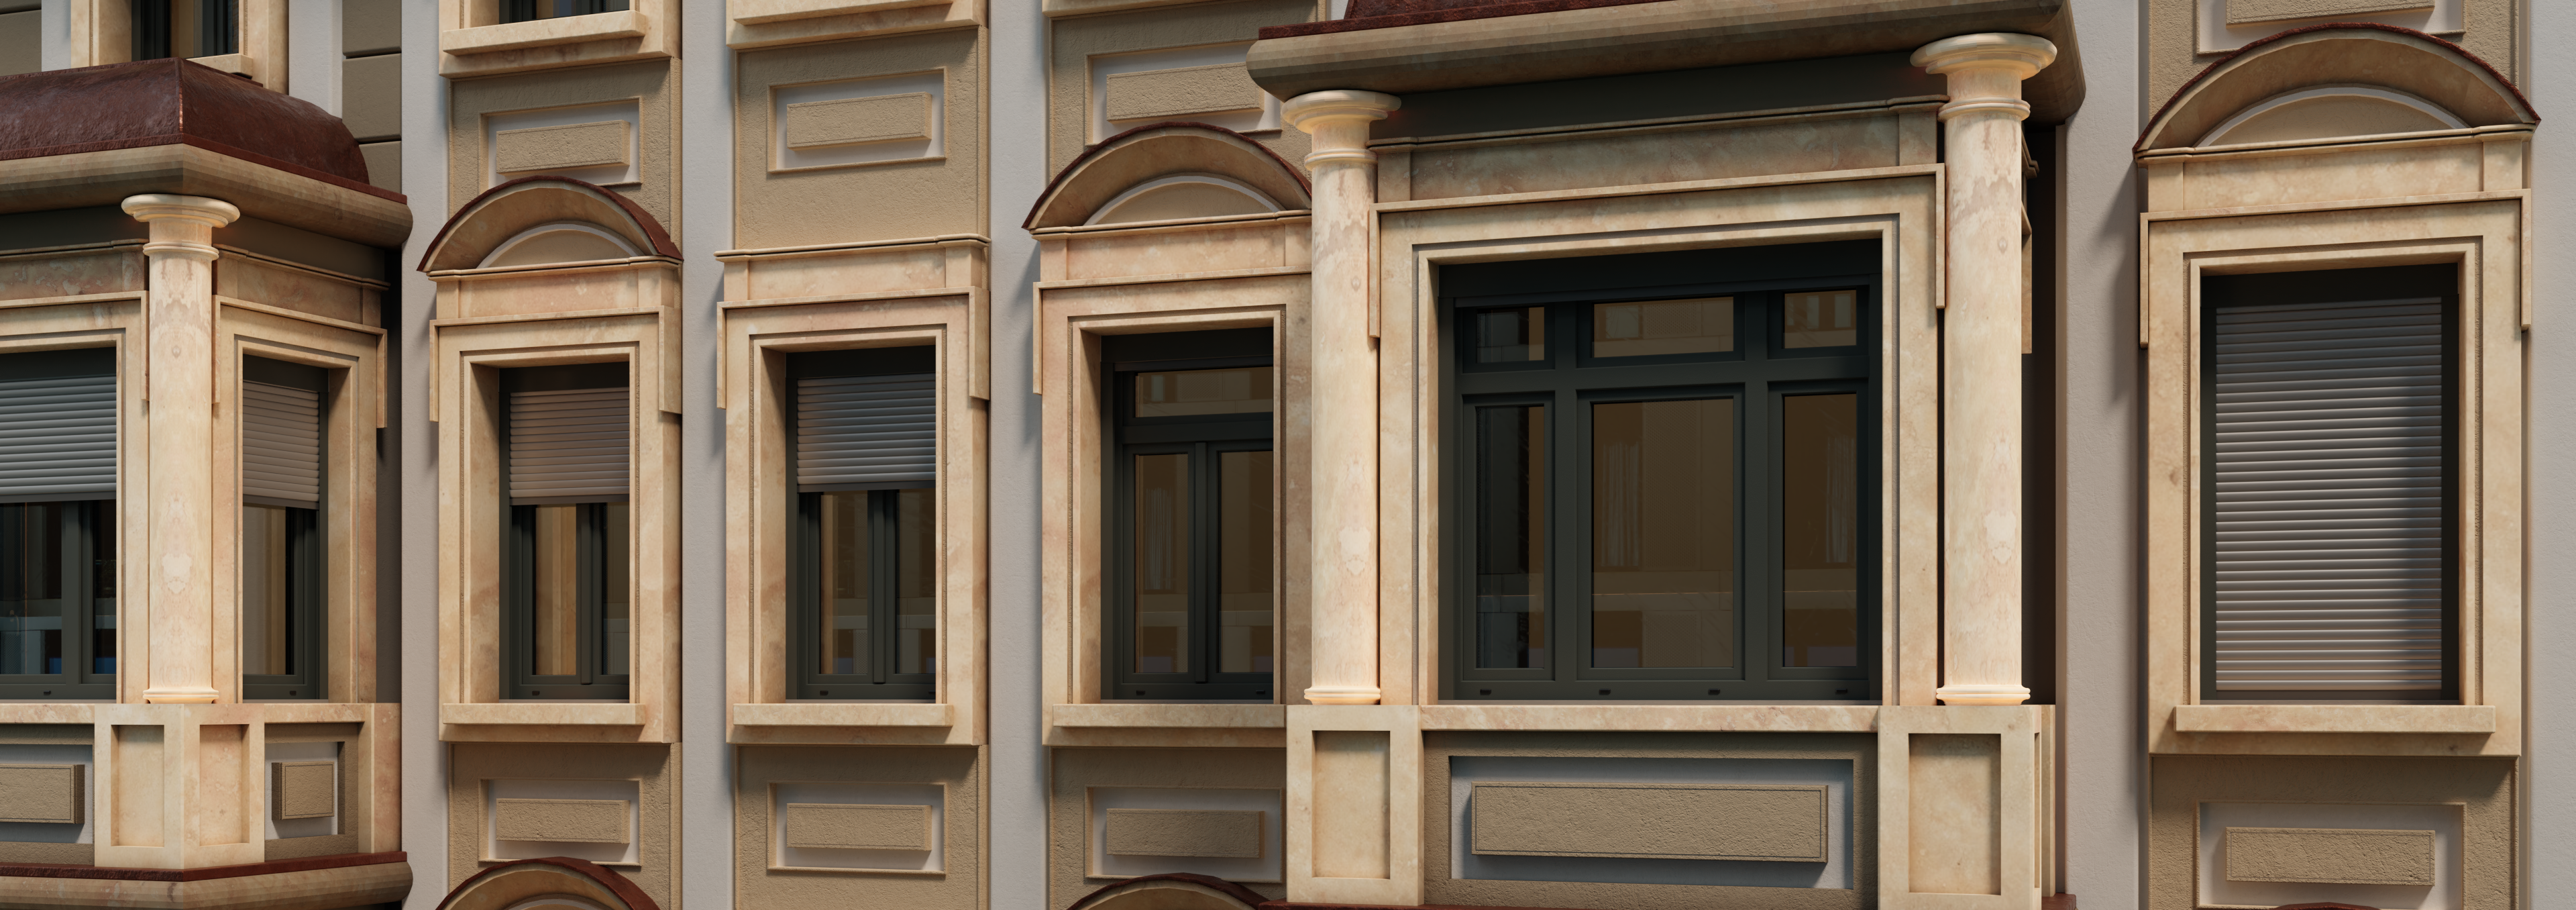 Full Size of Fenster Mit Integriertem Rollladen Smart Fensterwunder Integrierter Blaurock Sofa Relaxfunktion Alarmanlagen Für Und Türen Kleine Bäder Dusche L Küche Fenster Fenster Mit Integriertem Rollladen